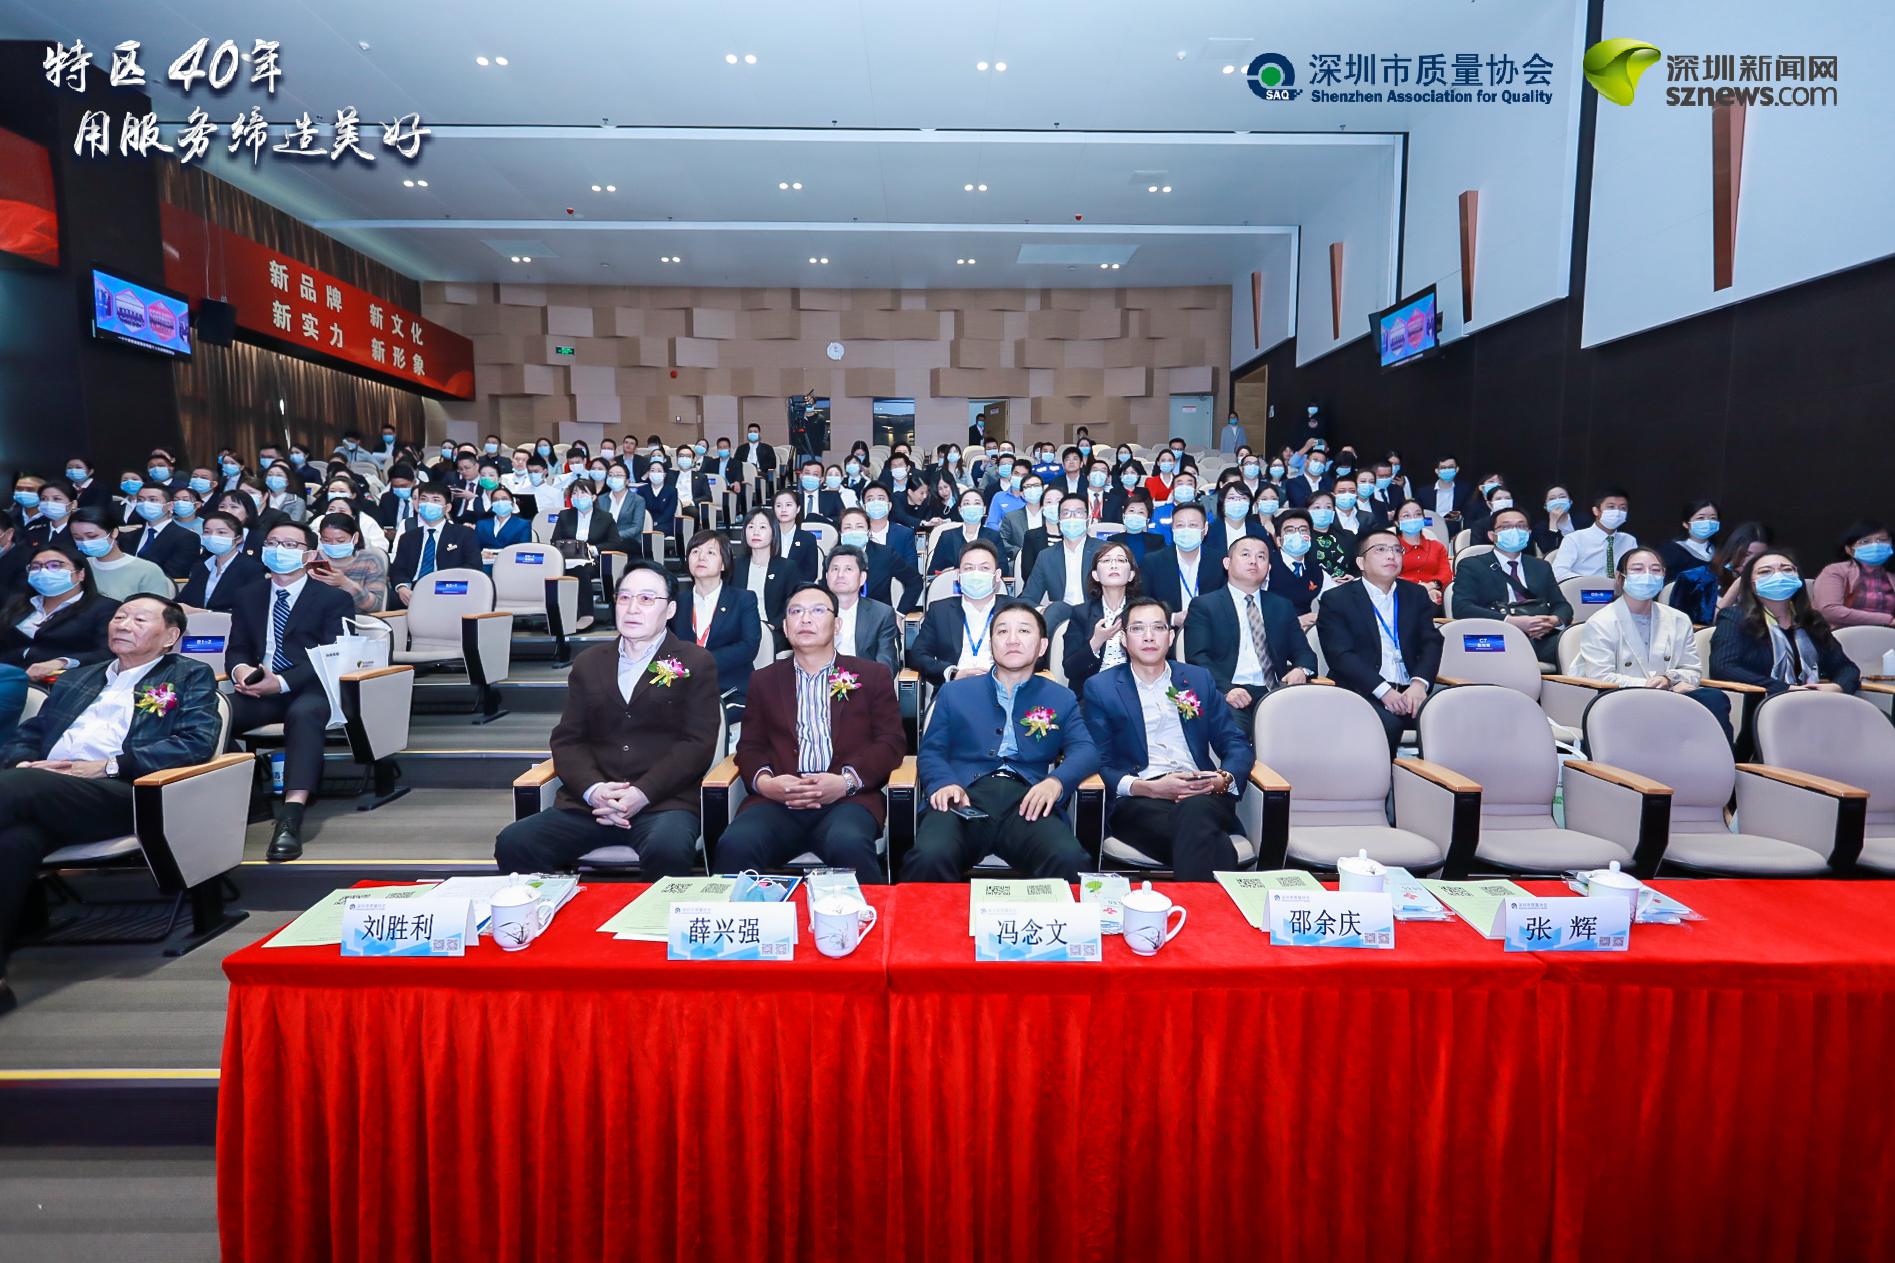 200余人参加第十一届顾客满意服务明星活动颁奖典礼